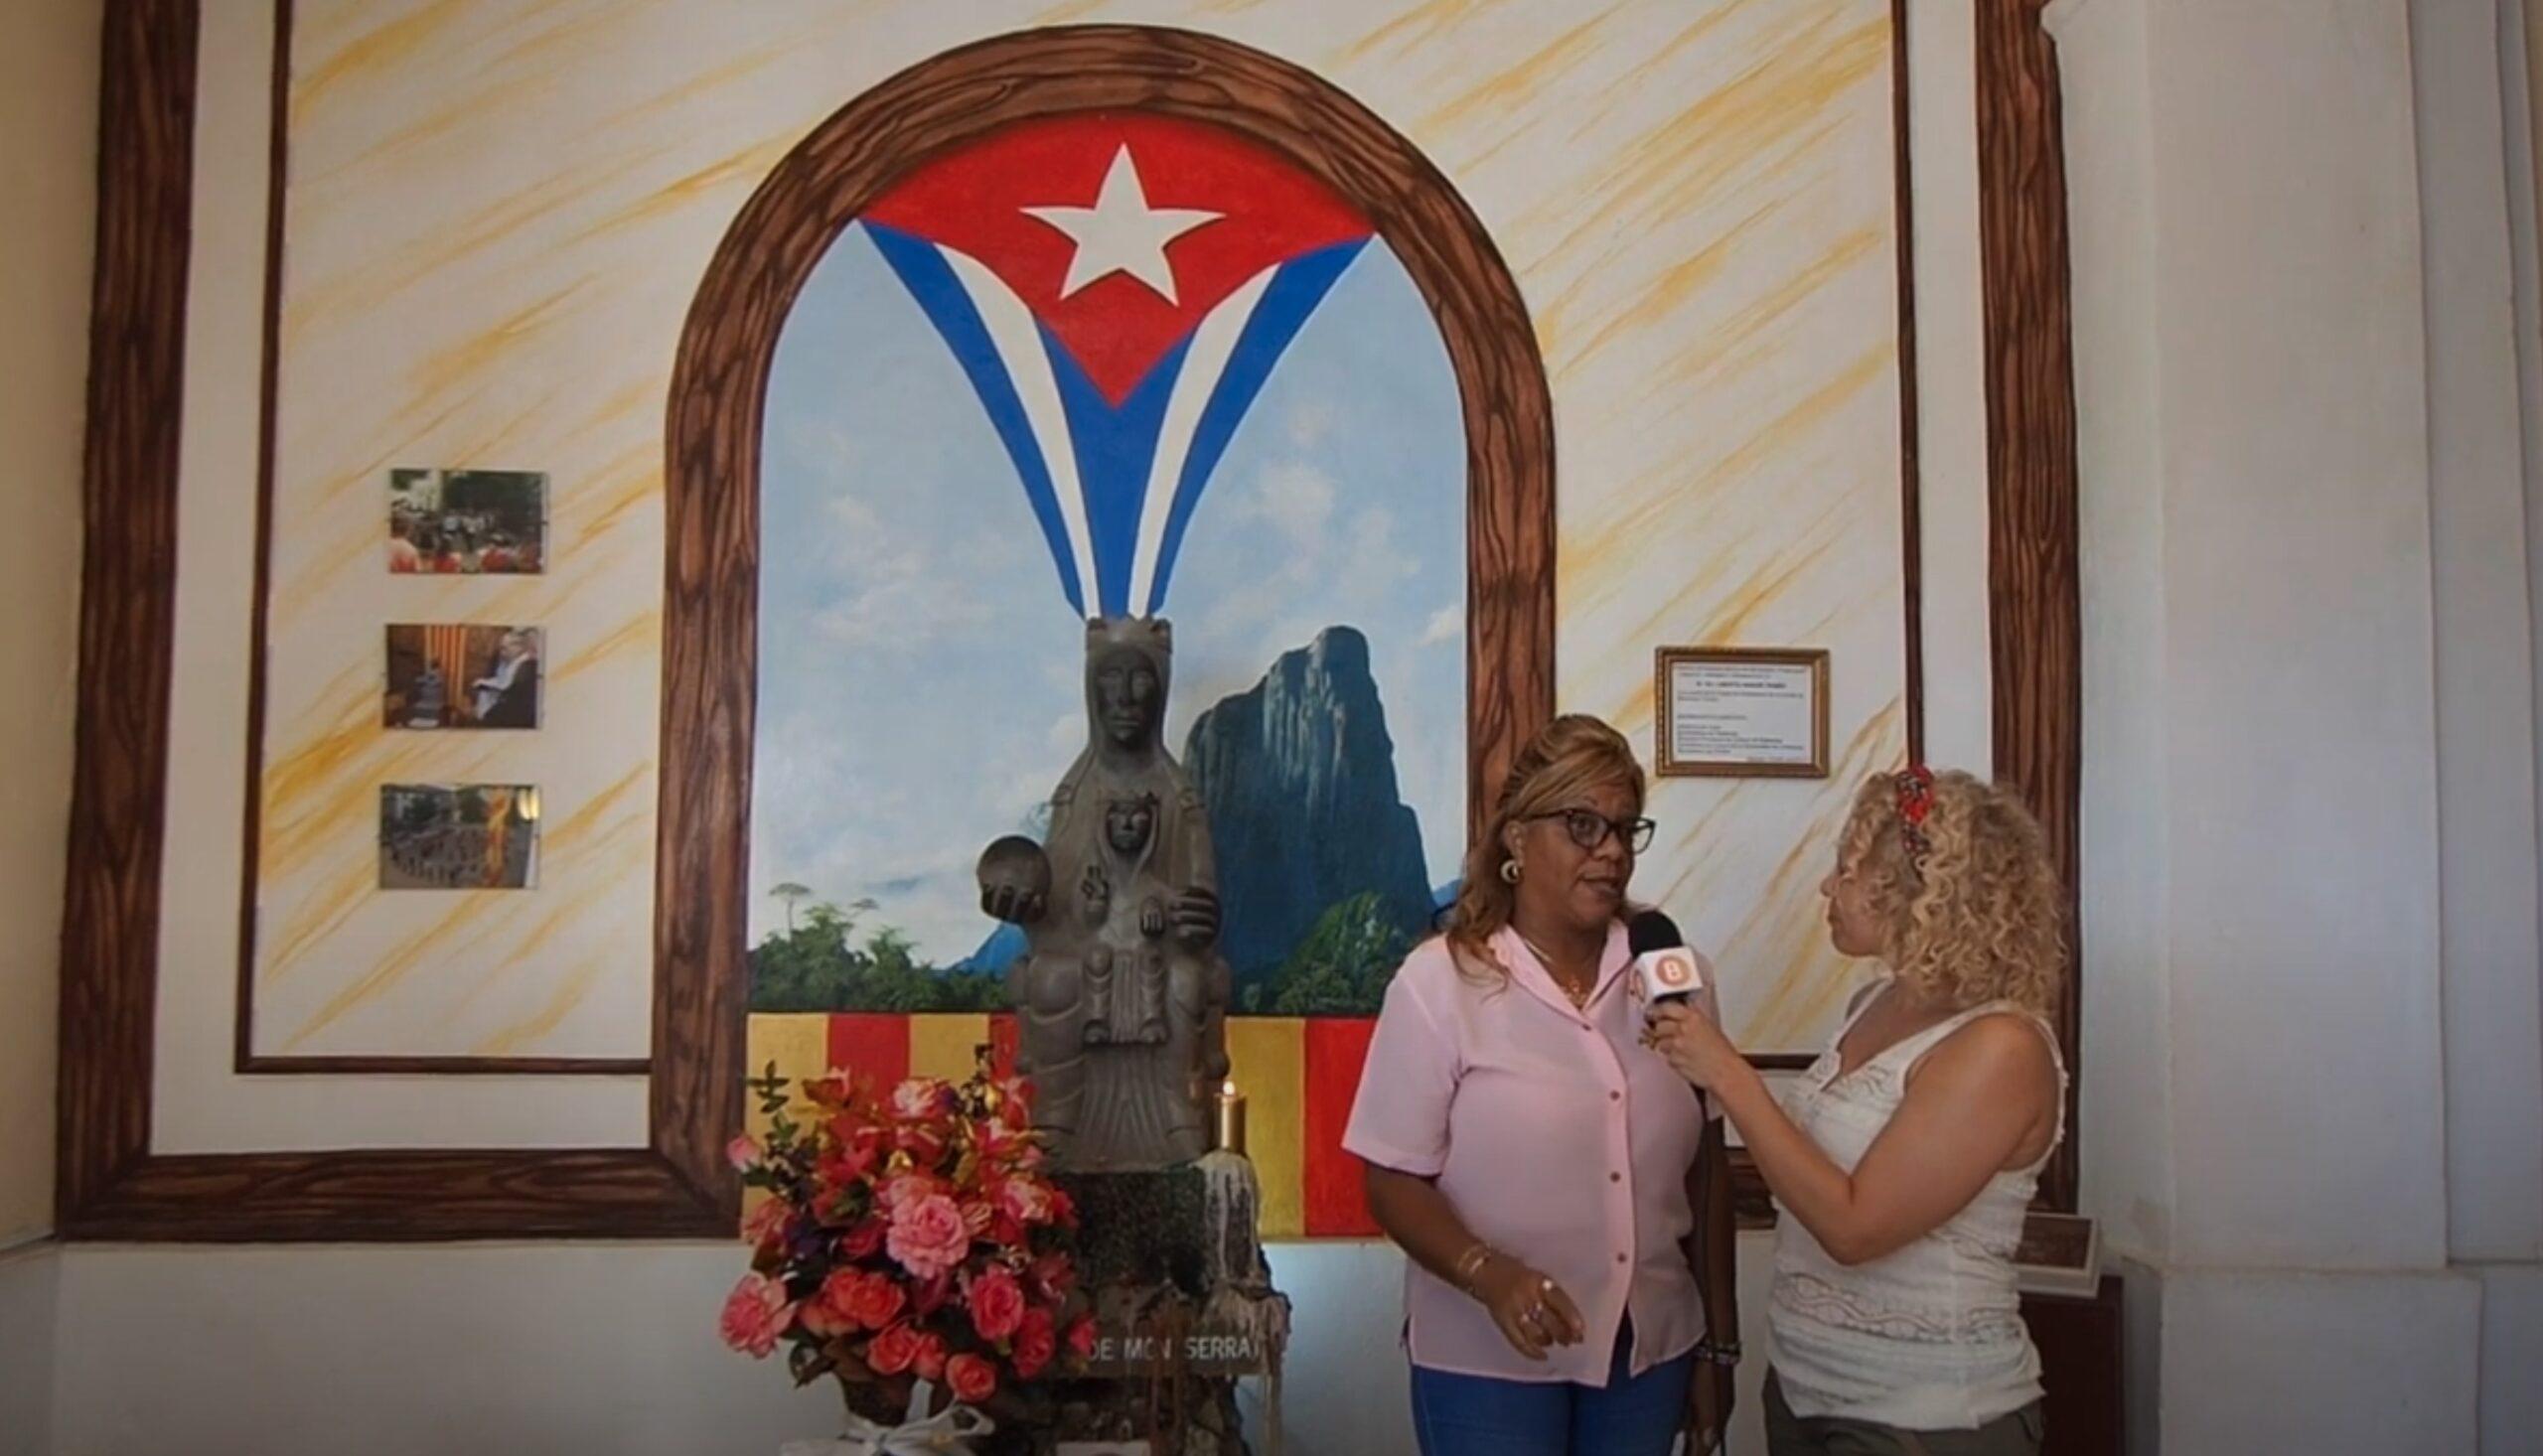 La ermita de Montserrat, en Matanzas (Cuba)